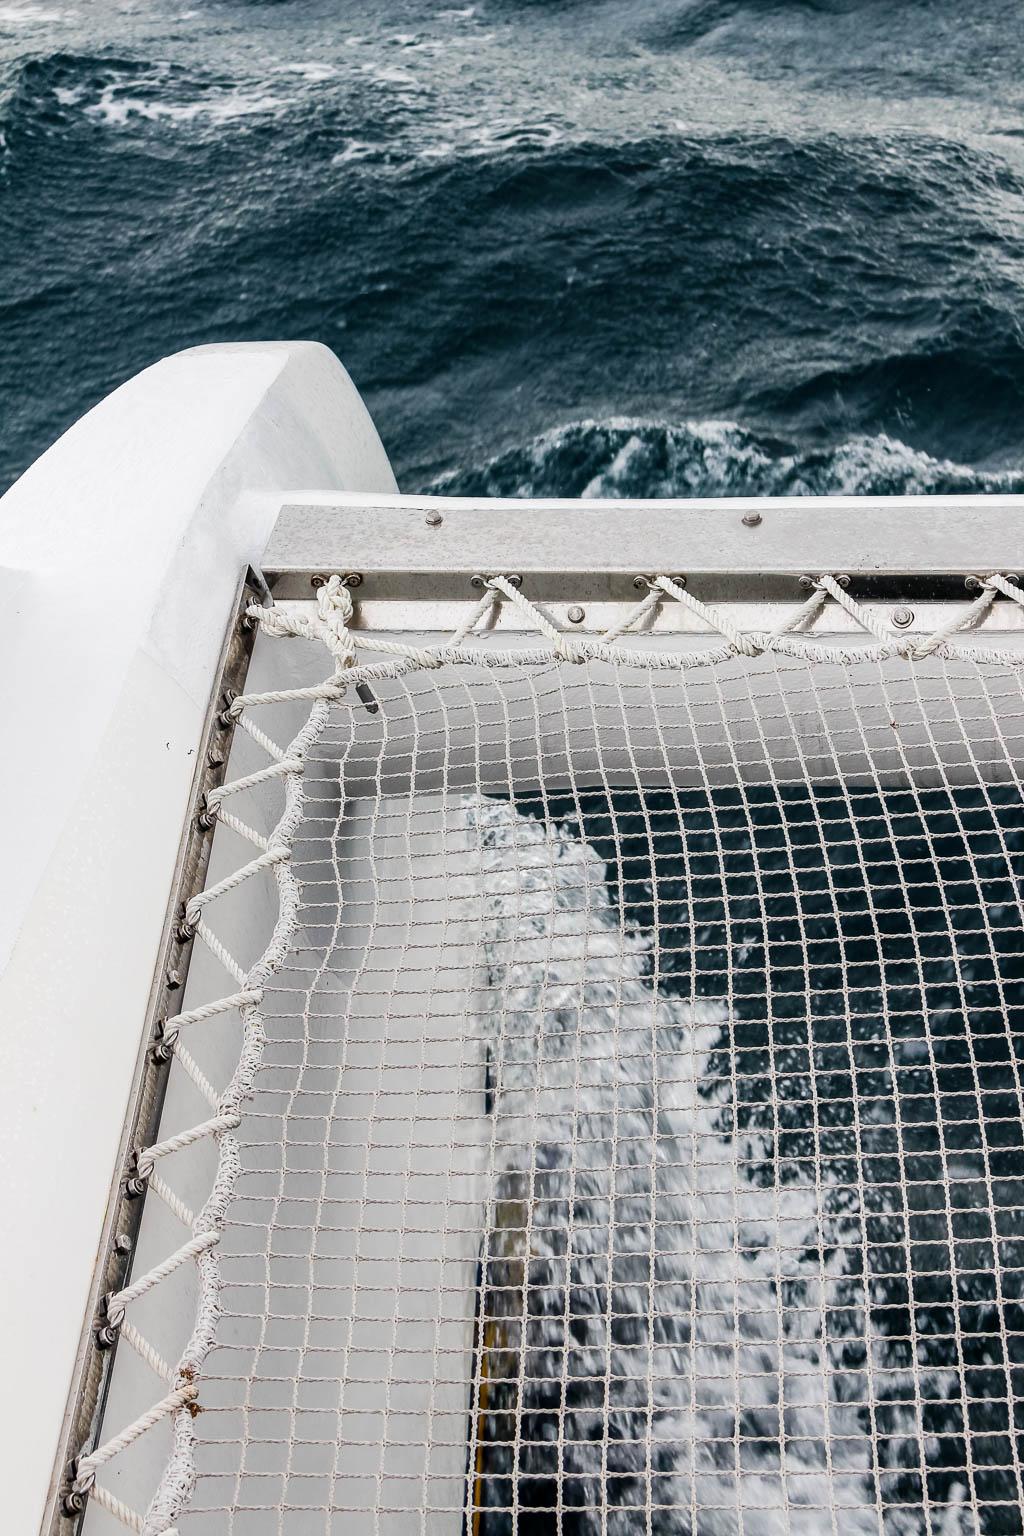 Tauchen mit Thunfischen L'Ametlla de Mar an der Costa Daurada